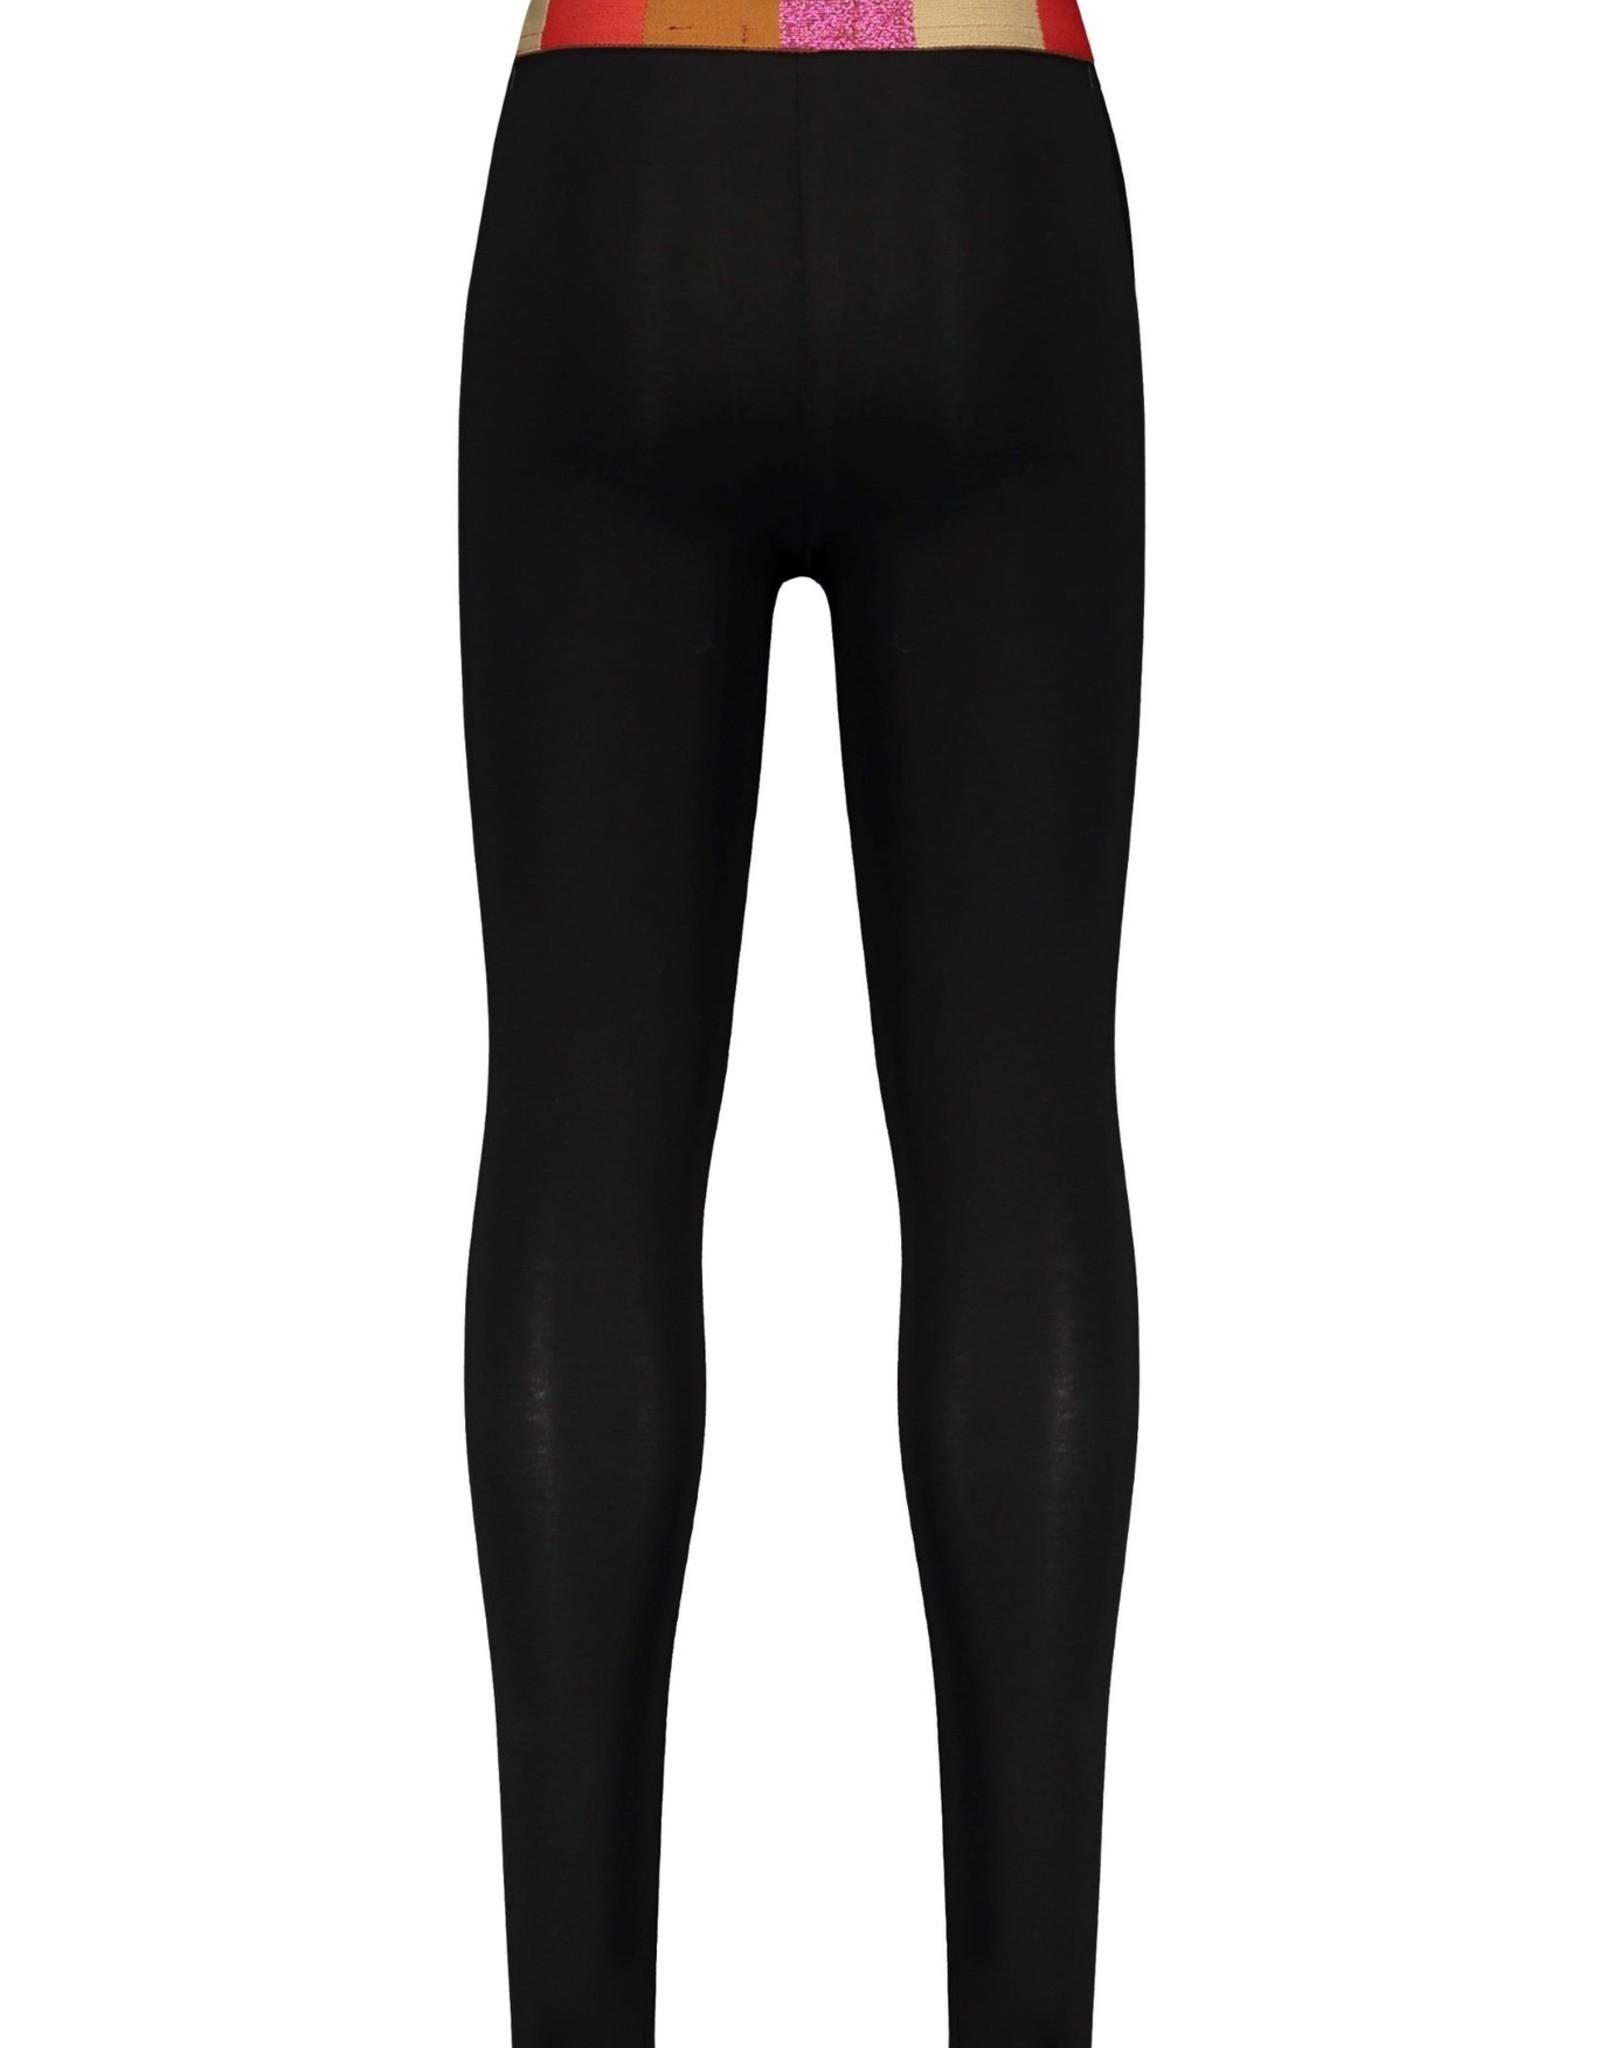 NONO NONO legging 5501 jet black